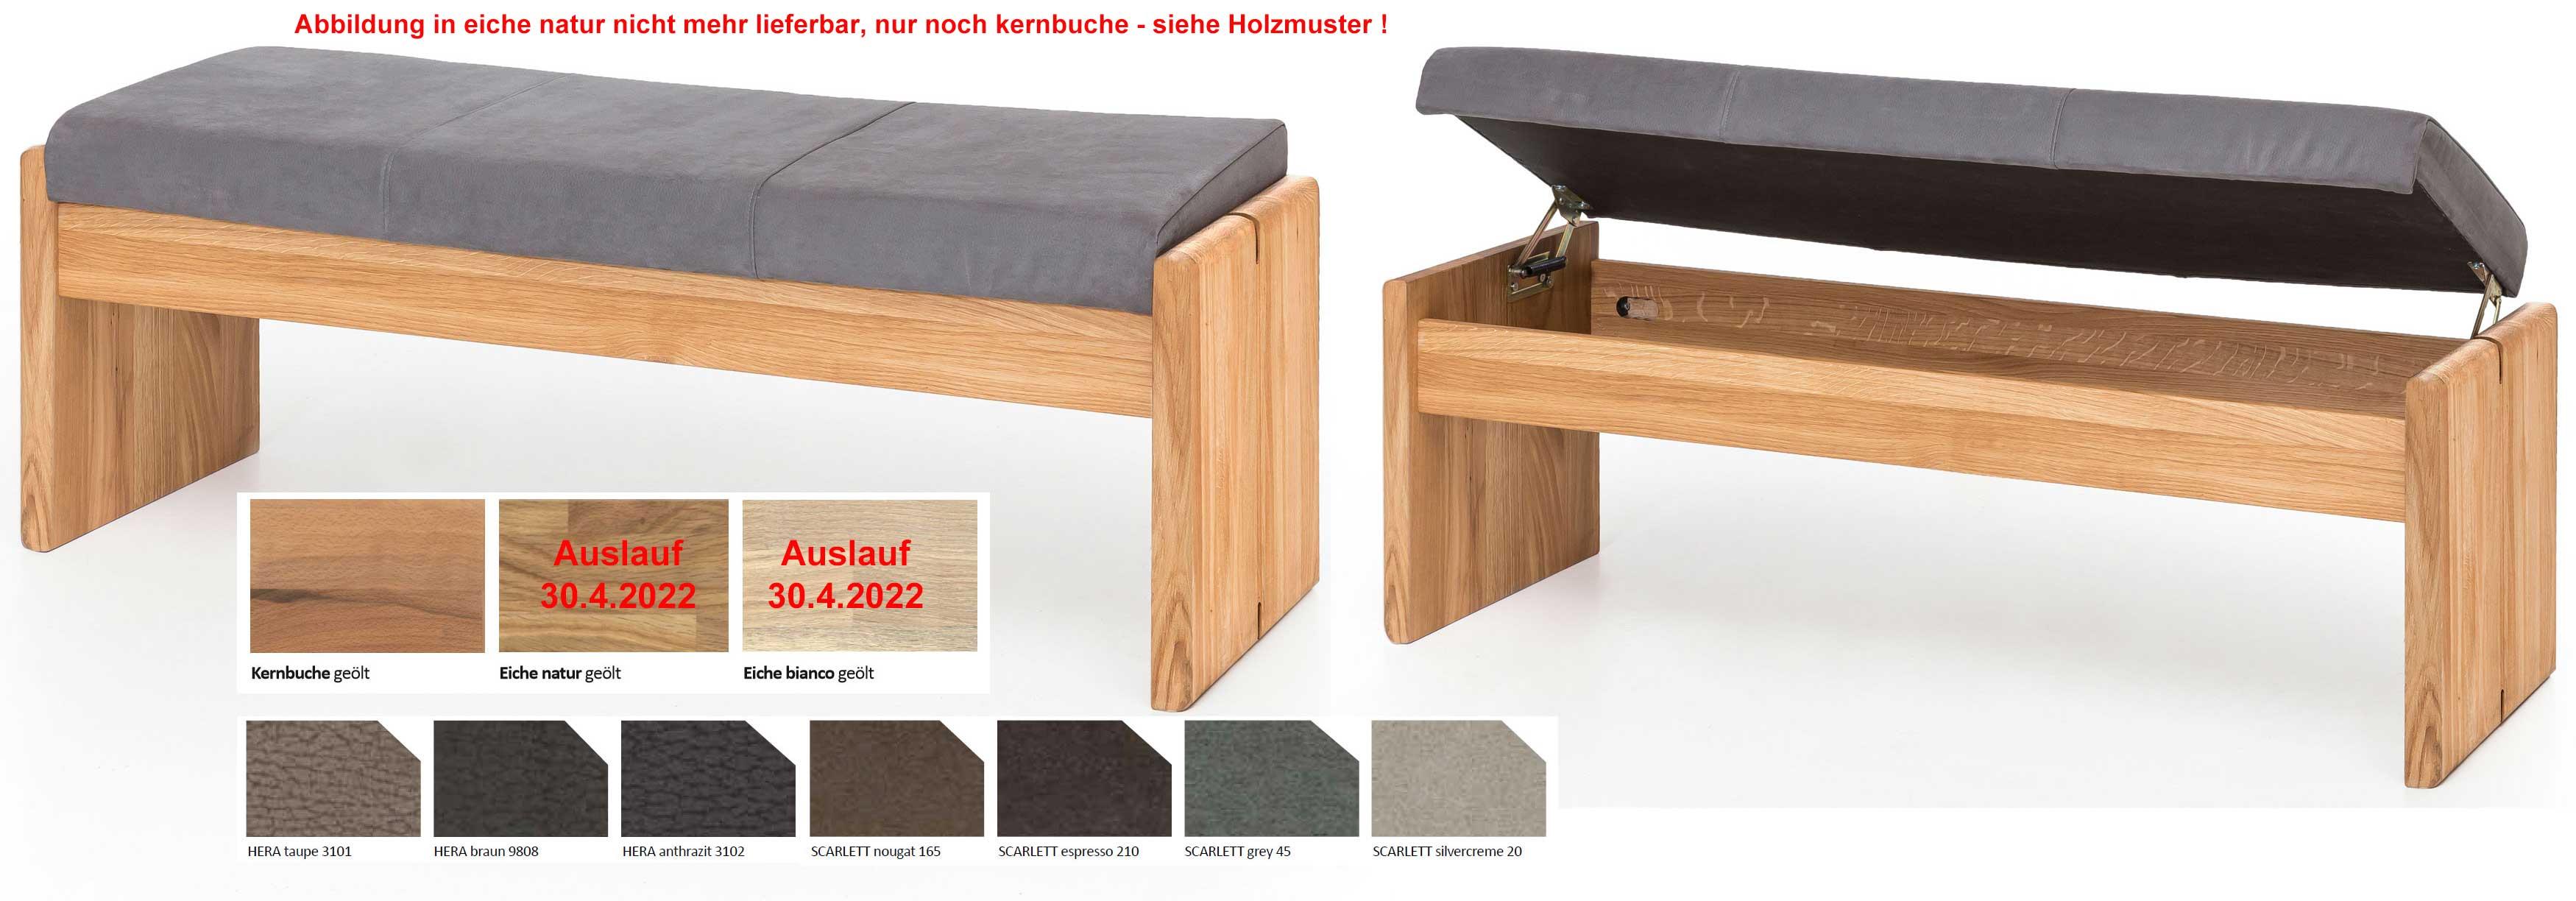 Standard Furniture Stockholm Polsterbank Massiv Mit Stauraum Mobelmeile24